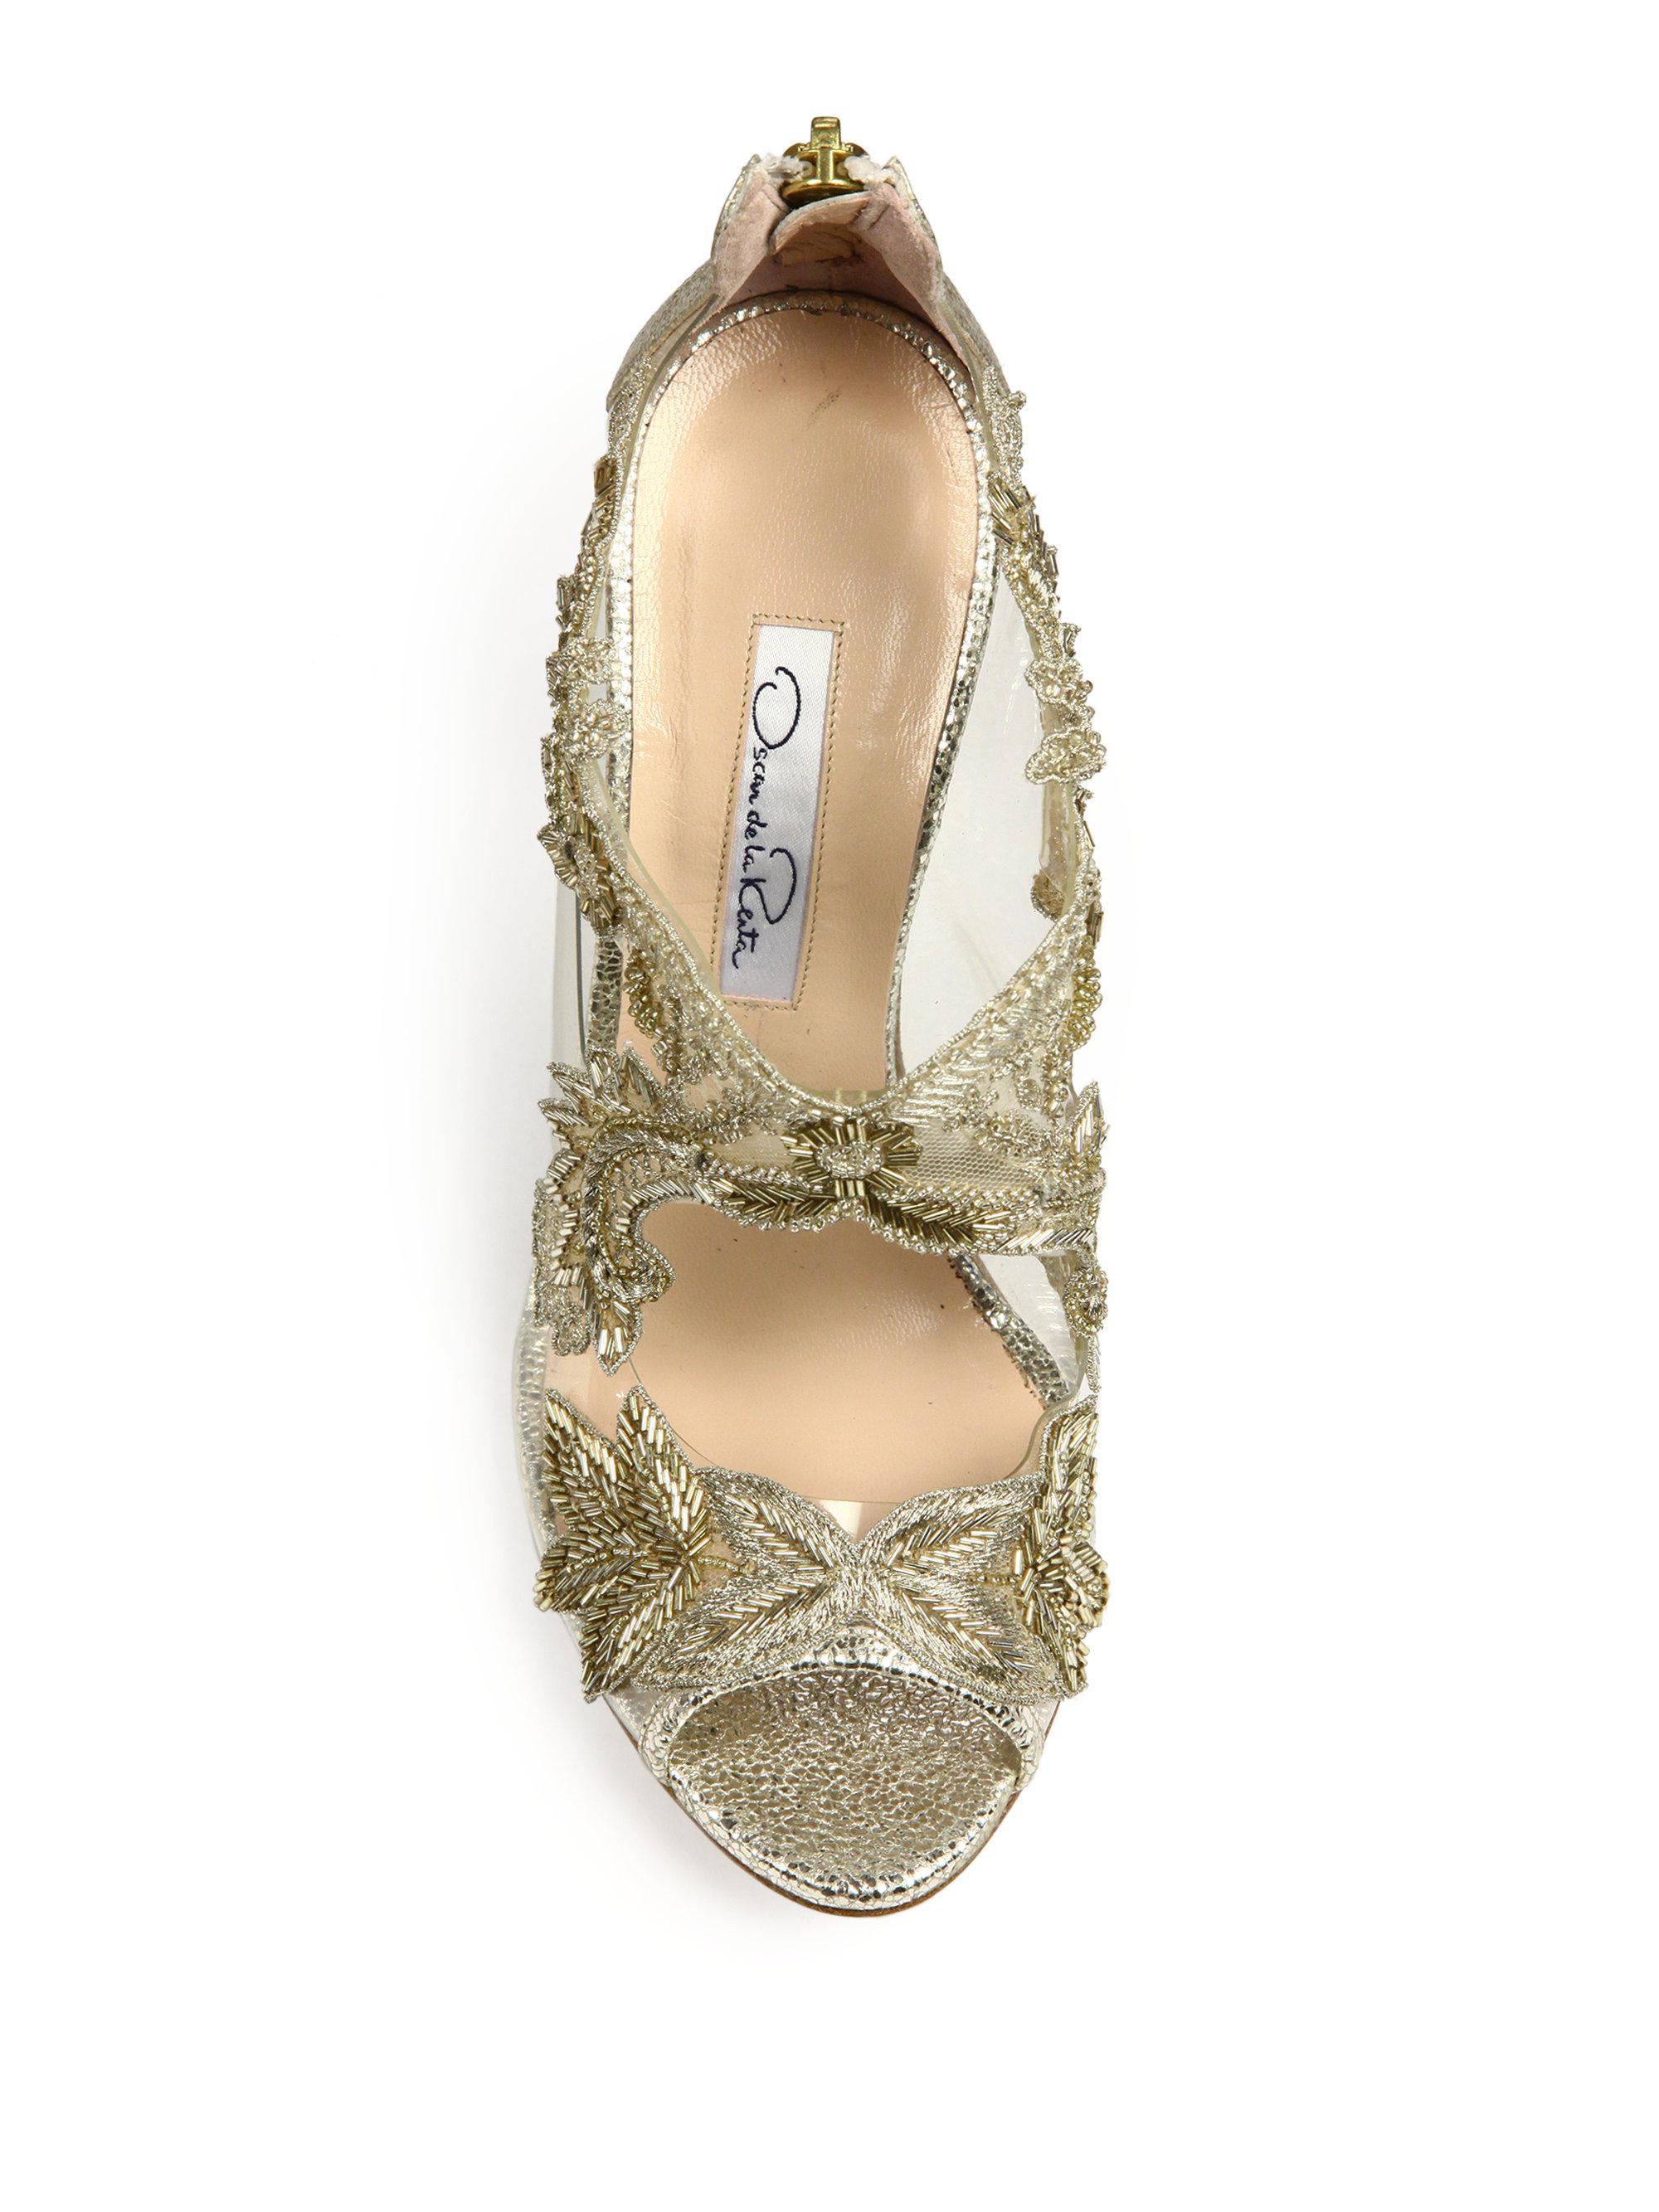 Oscar de la Renta | Ambria Embroidered Metallic Peep Toe Sandals | Lyst.  View Fullscreen